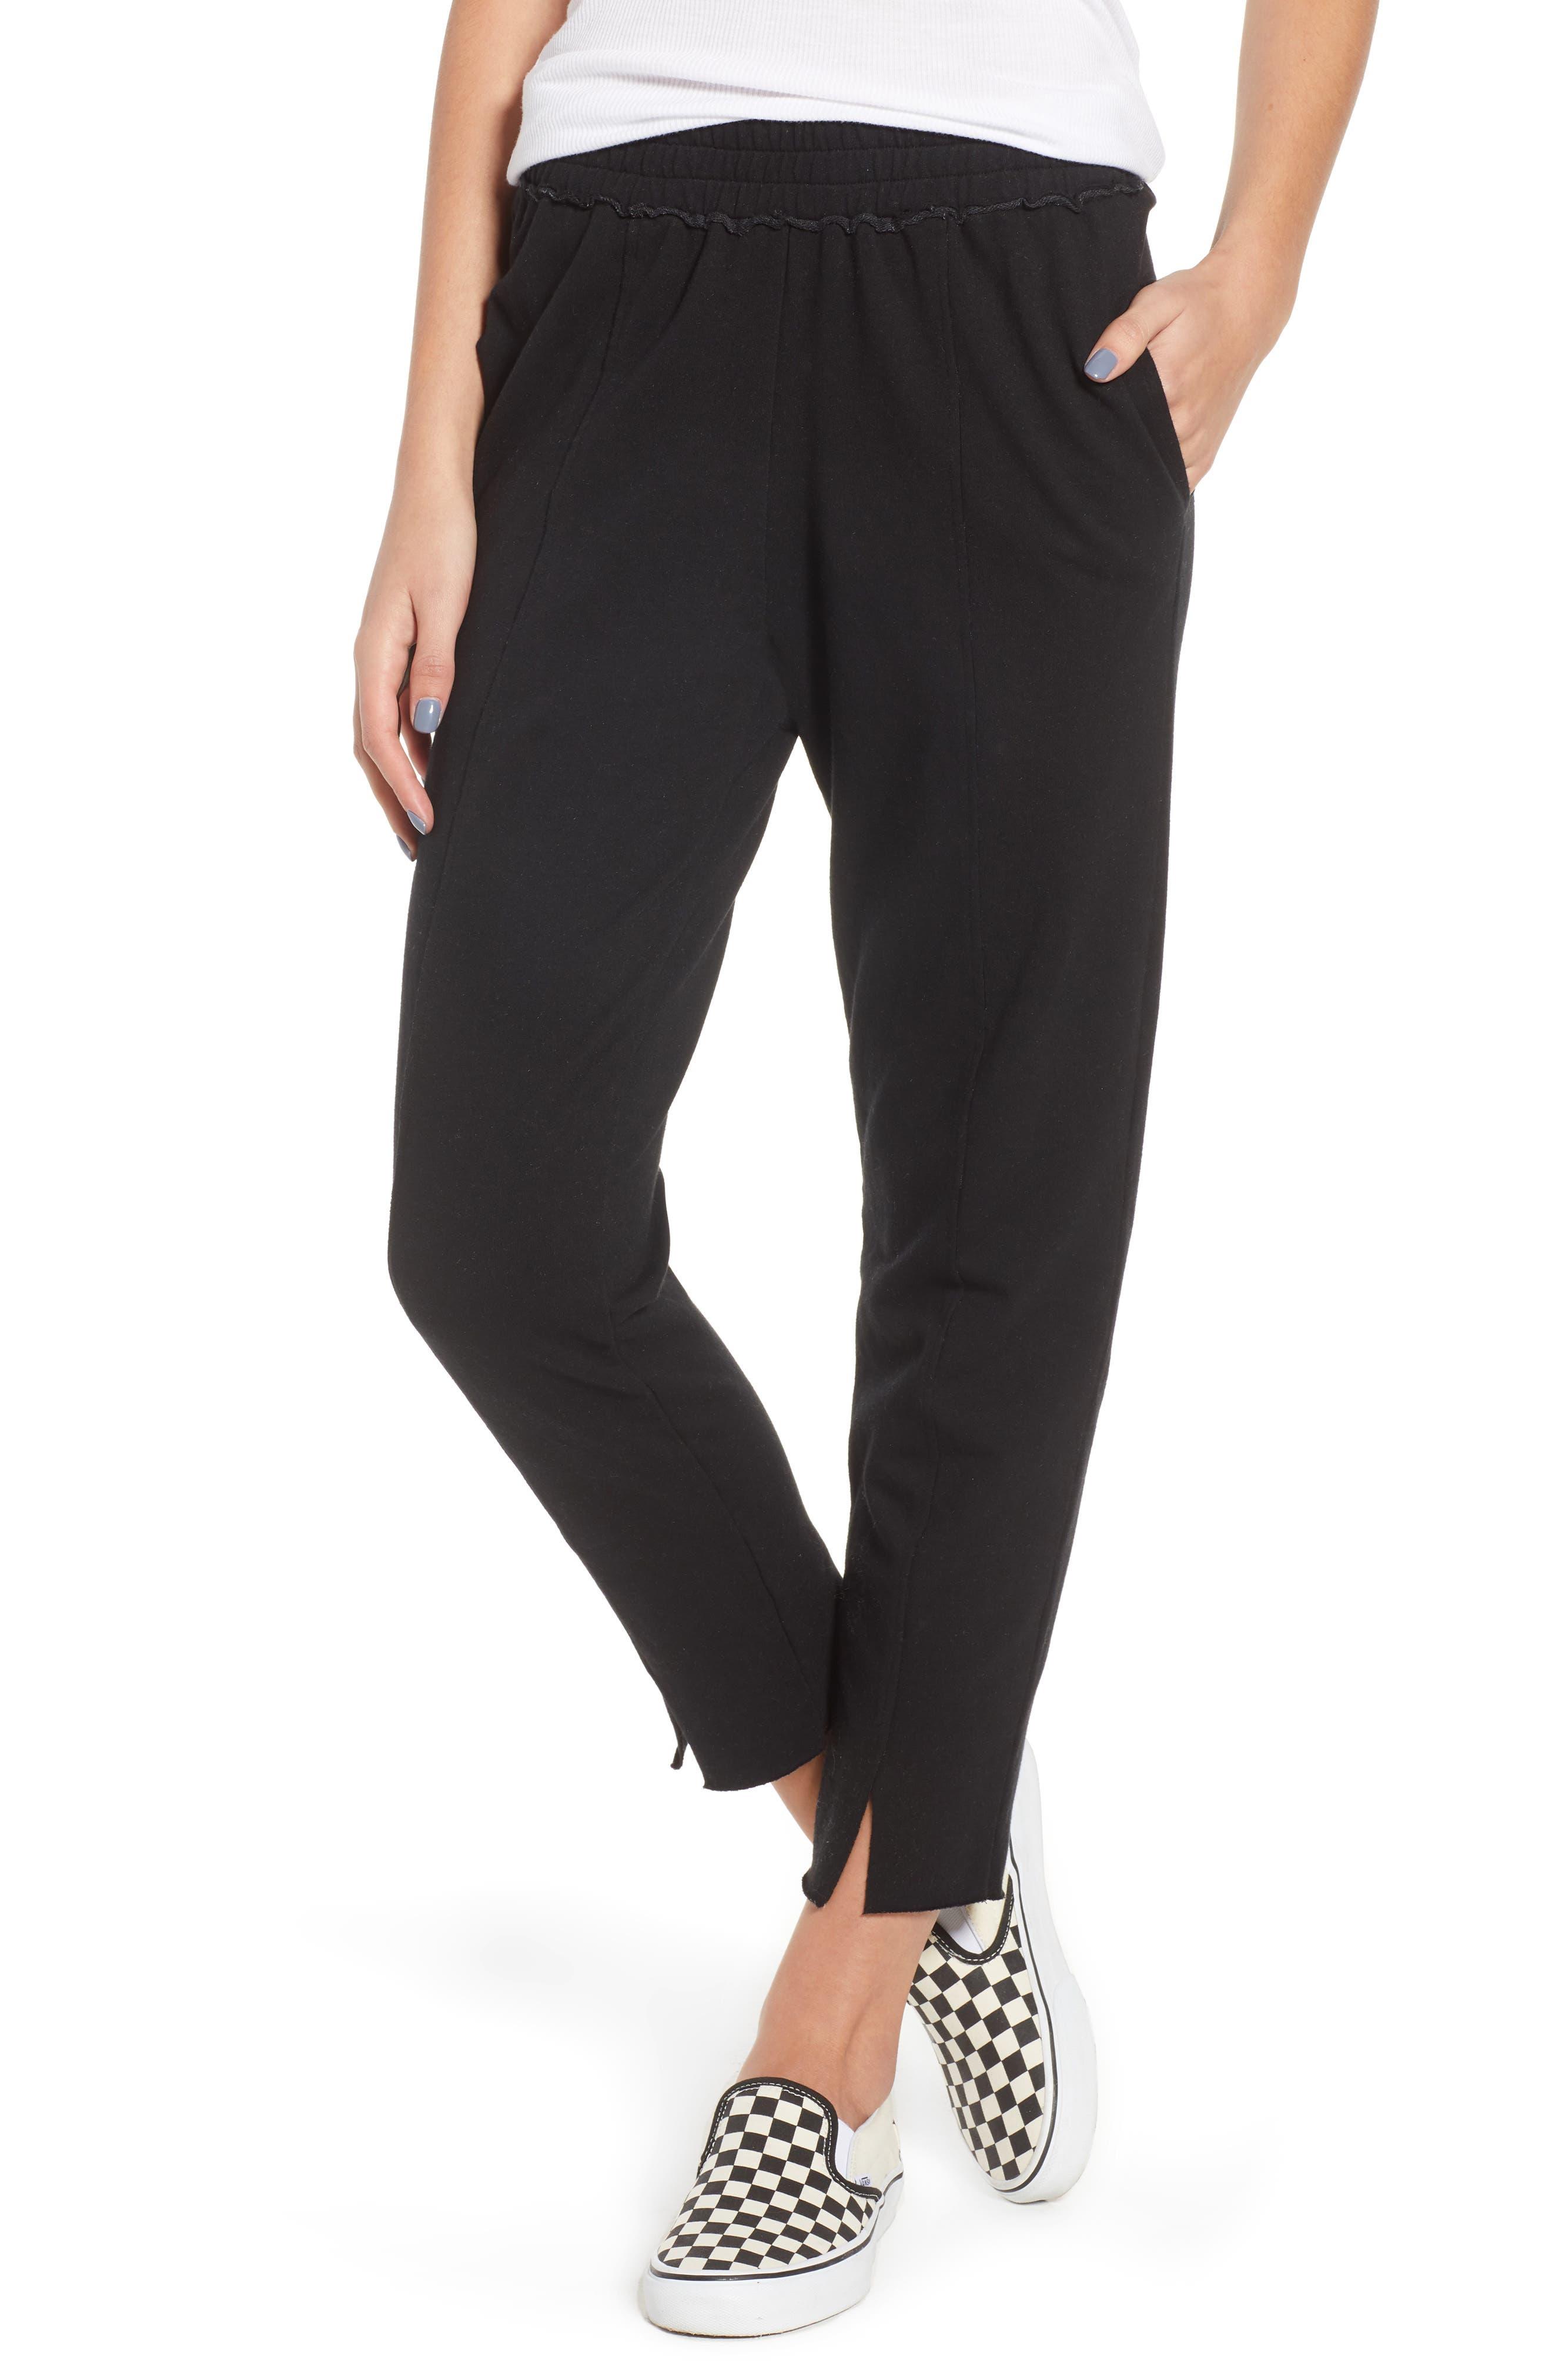 Lowsen Split Hem Sweatpants,                             Main thumbnail 1, color,                             001